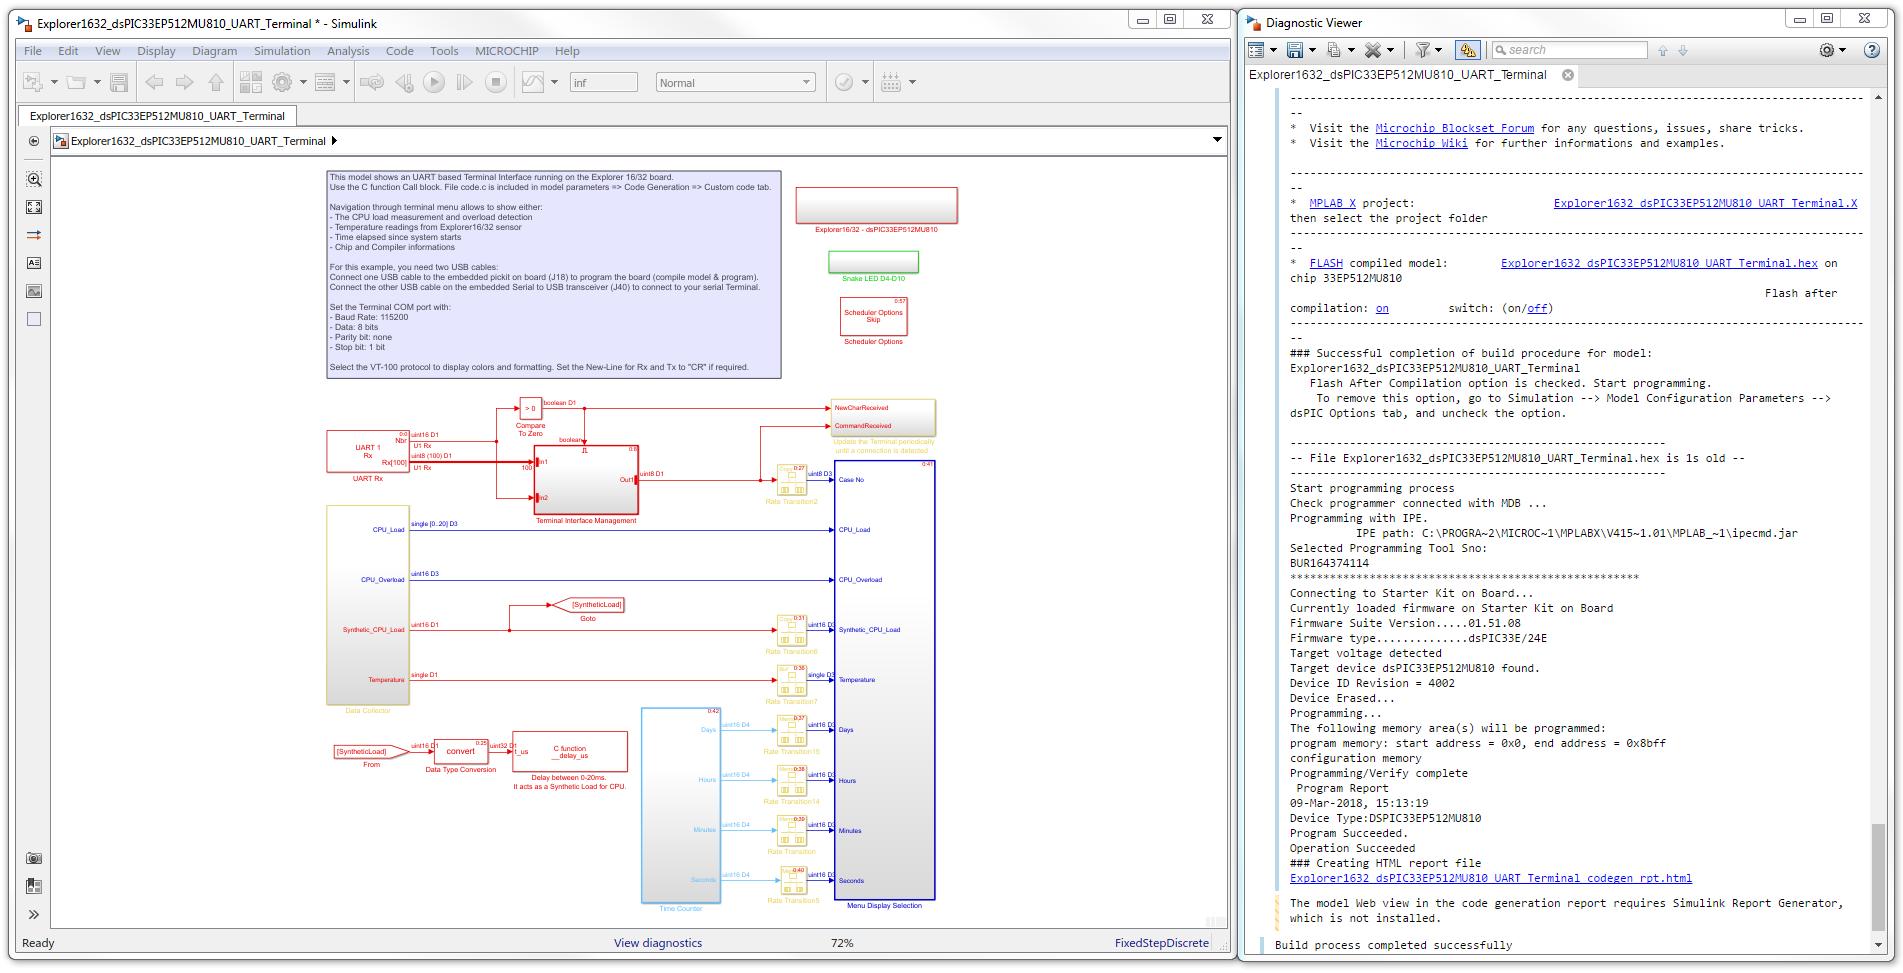 UartTerminalModel-BuildAndFlashPNG.PNG